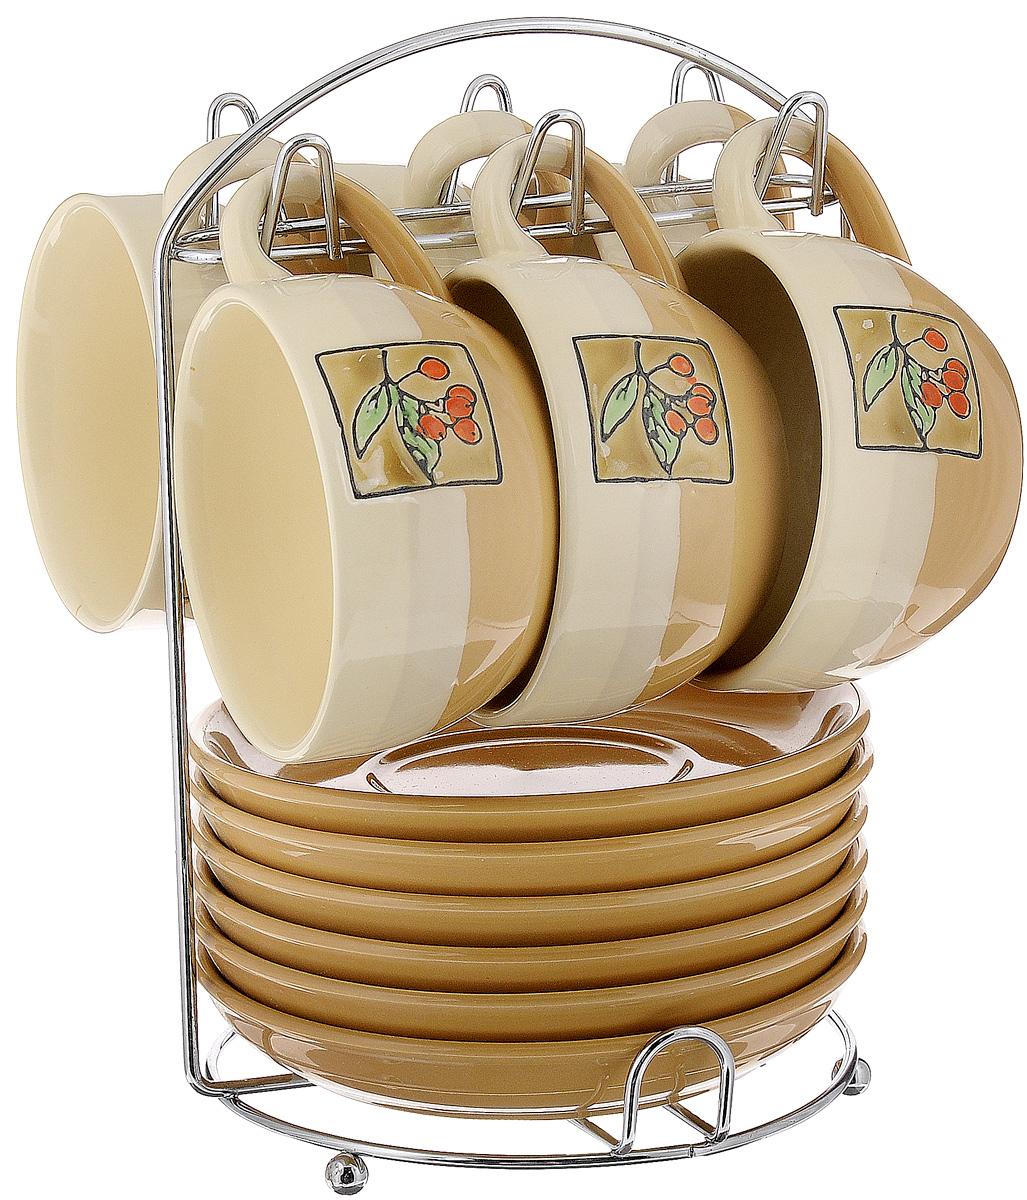 Набор чайный Calve. Ягоды, на подставке, 13 предметовFS-91909Набор Calve. Ягоды состоит из шести чашек и шести блюдец, изготовленных из высококачественного фарфора. Чашки оформлены красочным рисунком. Изделия расположены на металлической подставке. Такой набор подходит для подачи чая или кофе.Изящный дизайн придется по вкусу и ценителям классики, и тем, кто предпочитает утонченность и изысканность. Он настроит на позитивный лад и подарит хорошее настроение с самого утра. Чайный набор Calve. Ягоды - идеальный и необходимый подарок для вашего дома и для ваших друзей в праздники.Можно мыть в посудомоечной машине. Объем чашки: 220 мл. Диаметр чашки (по верхнему краю): 9,5 см. Высота чашки: 6,3 см. Диаметр блюдца: 14,5 см. Высота блюдца: 2,3 см.Размер подставки: 16,5 х 16 х 22,5 см.